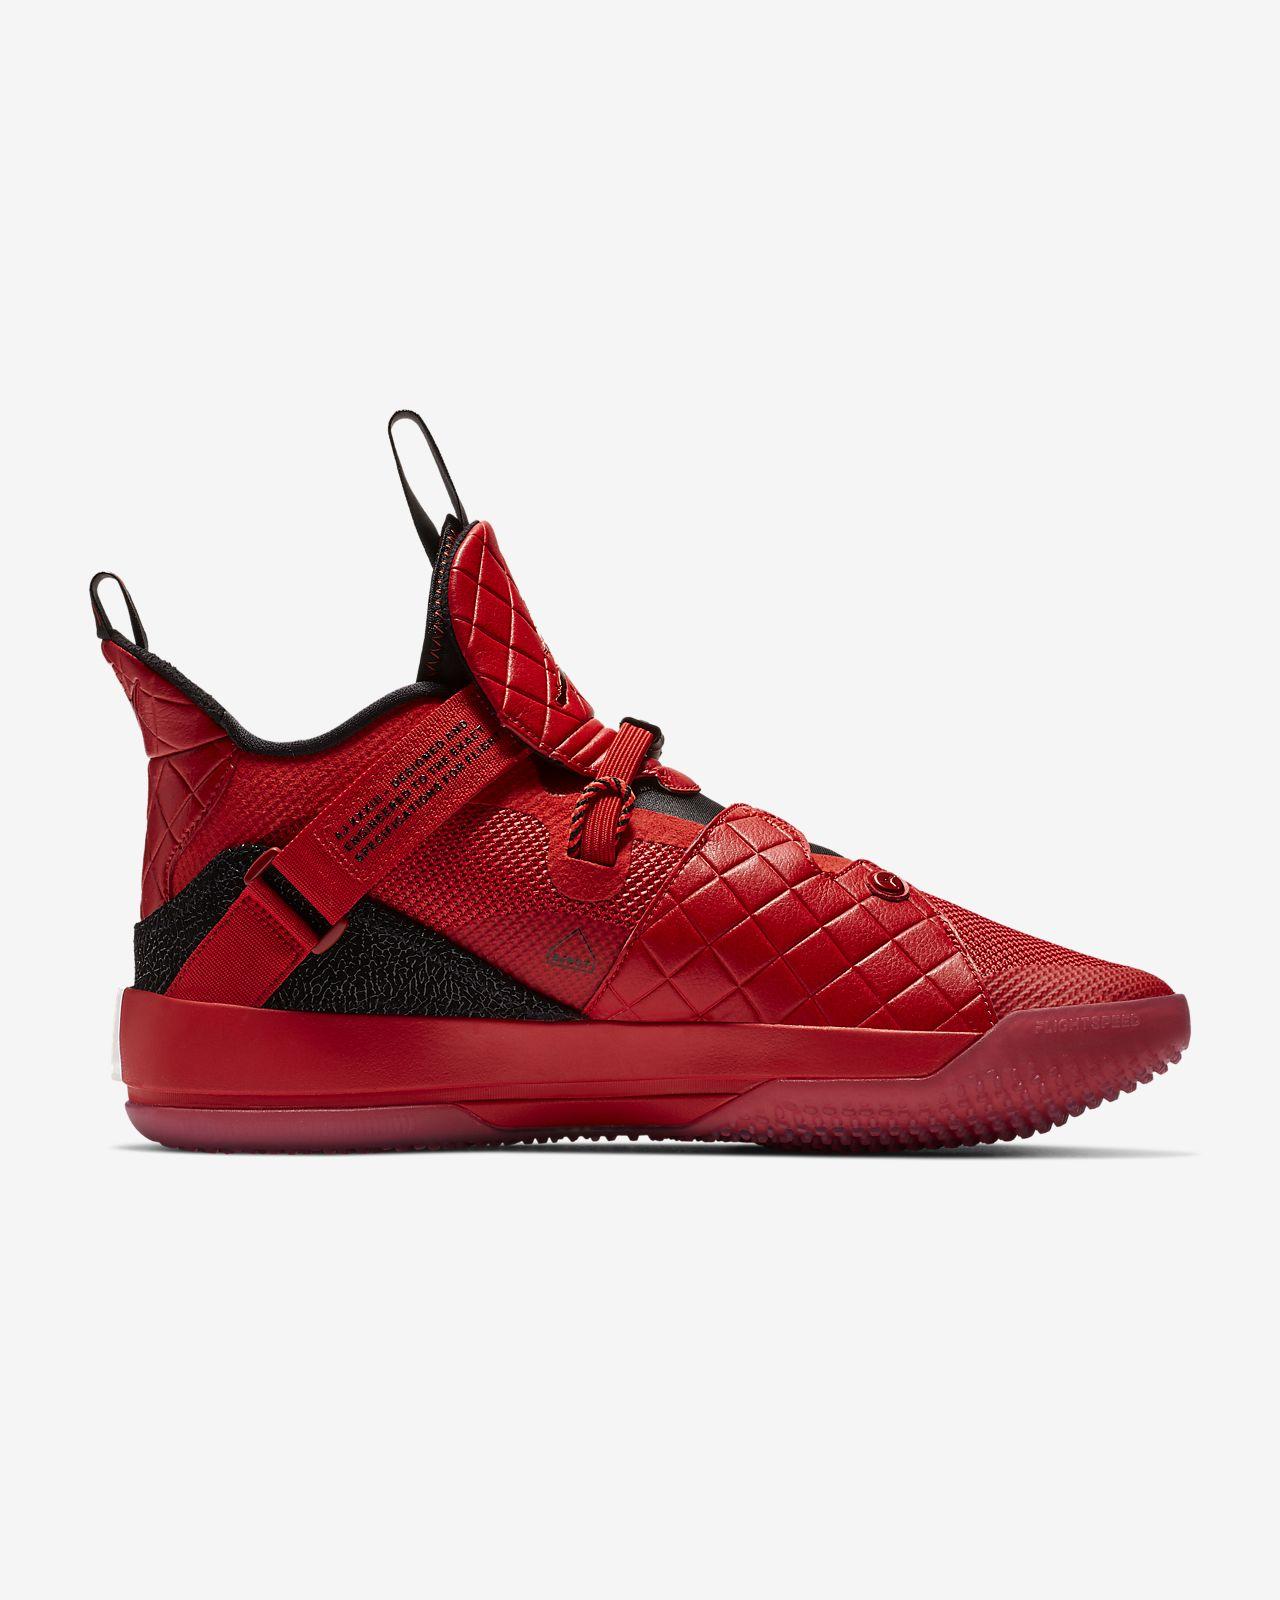 hot sale online e4de4 561ad Low Resolution Chaussure de basketball Air Jordan XXXIII Chaussure de  basketball Air Jordan XXXIII